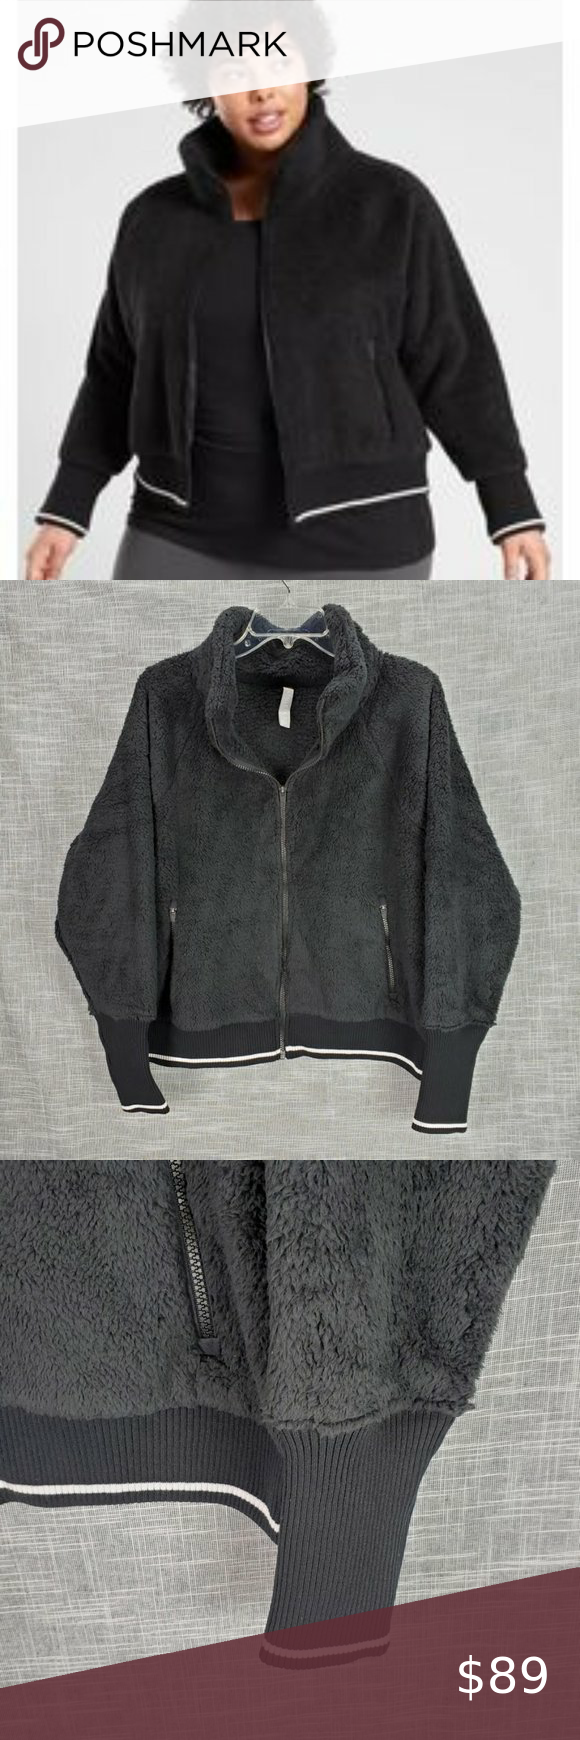 Athleta Teddy Bear Bomber Jacket 1x Nwt Black Clothes Design Jackets Athleta [ 1740 x 580 Pixel ]